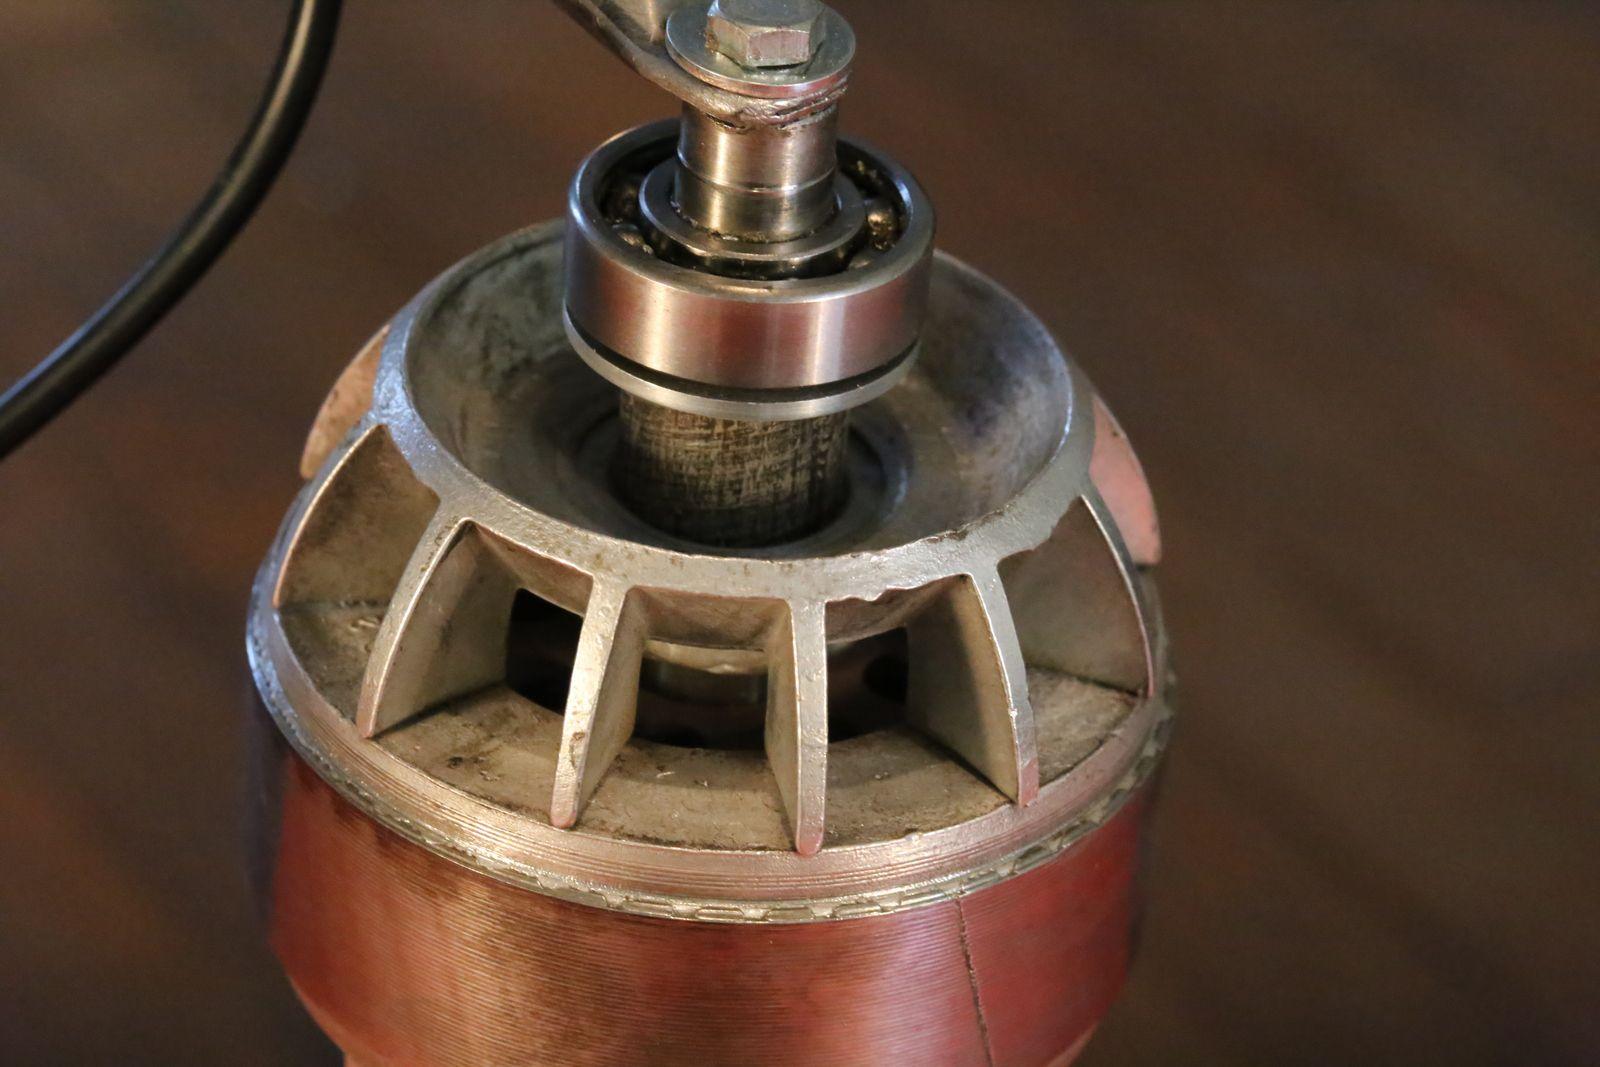 Création d'une lampe unique avec d'anciens objet de récupération : parabole de chauffage Calor, moteur électrique, axe de roue de voiture